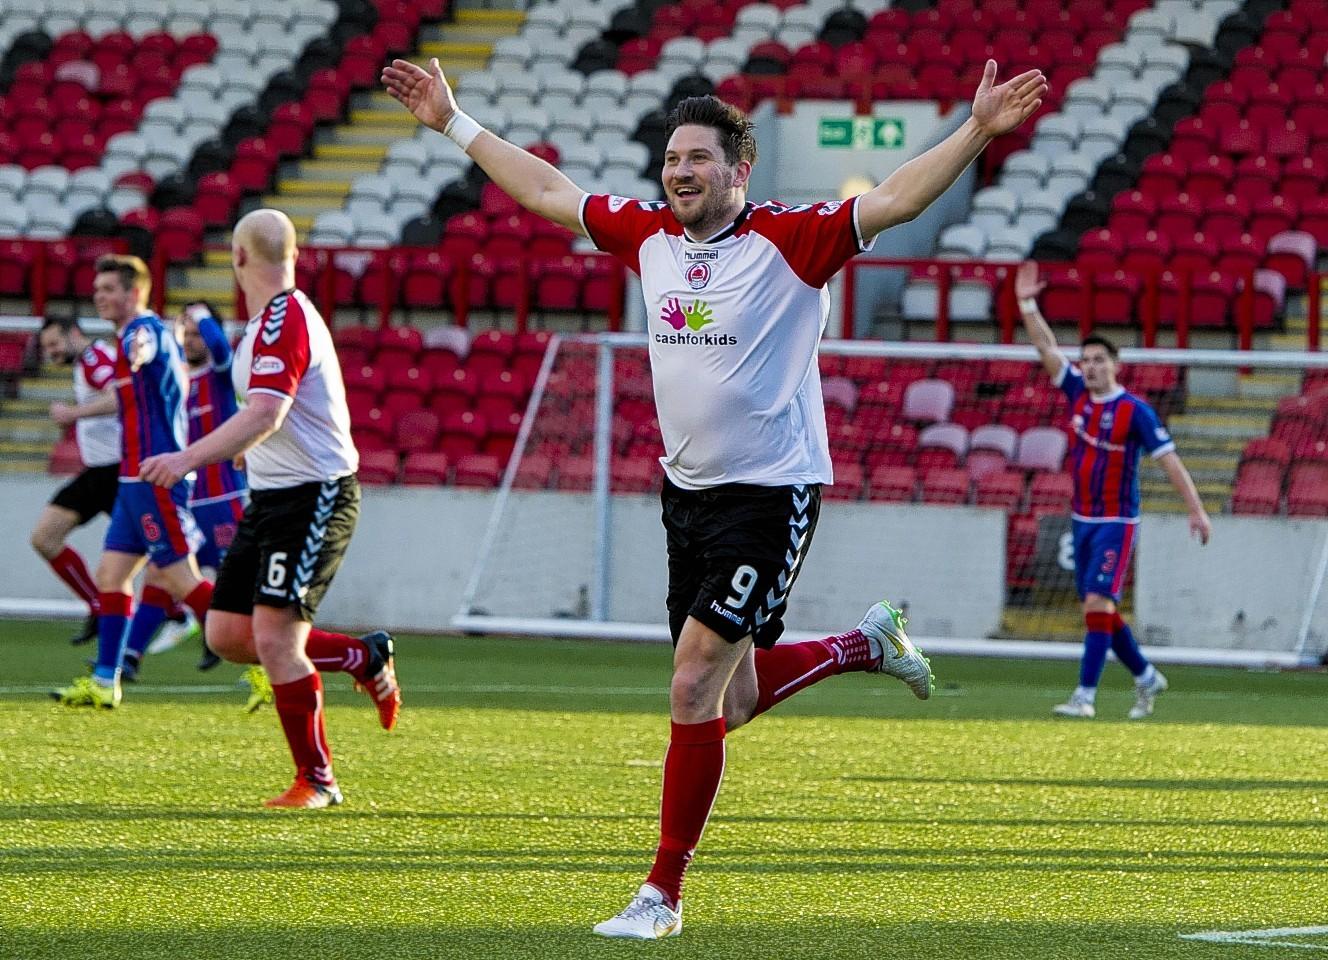 Clyde's John Gemmell celebrates having opened the scoring for his side